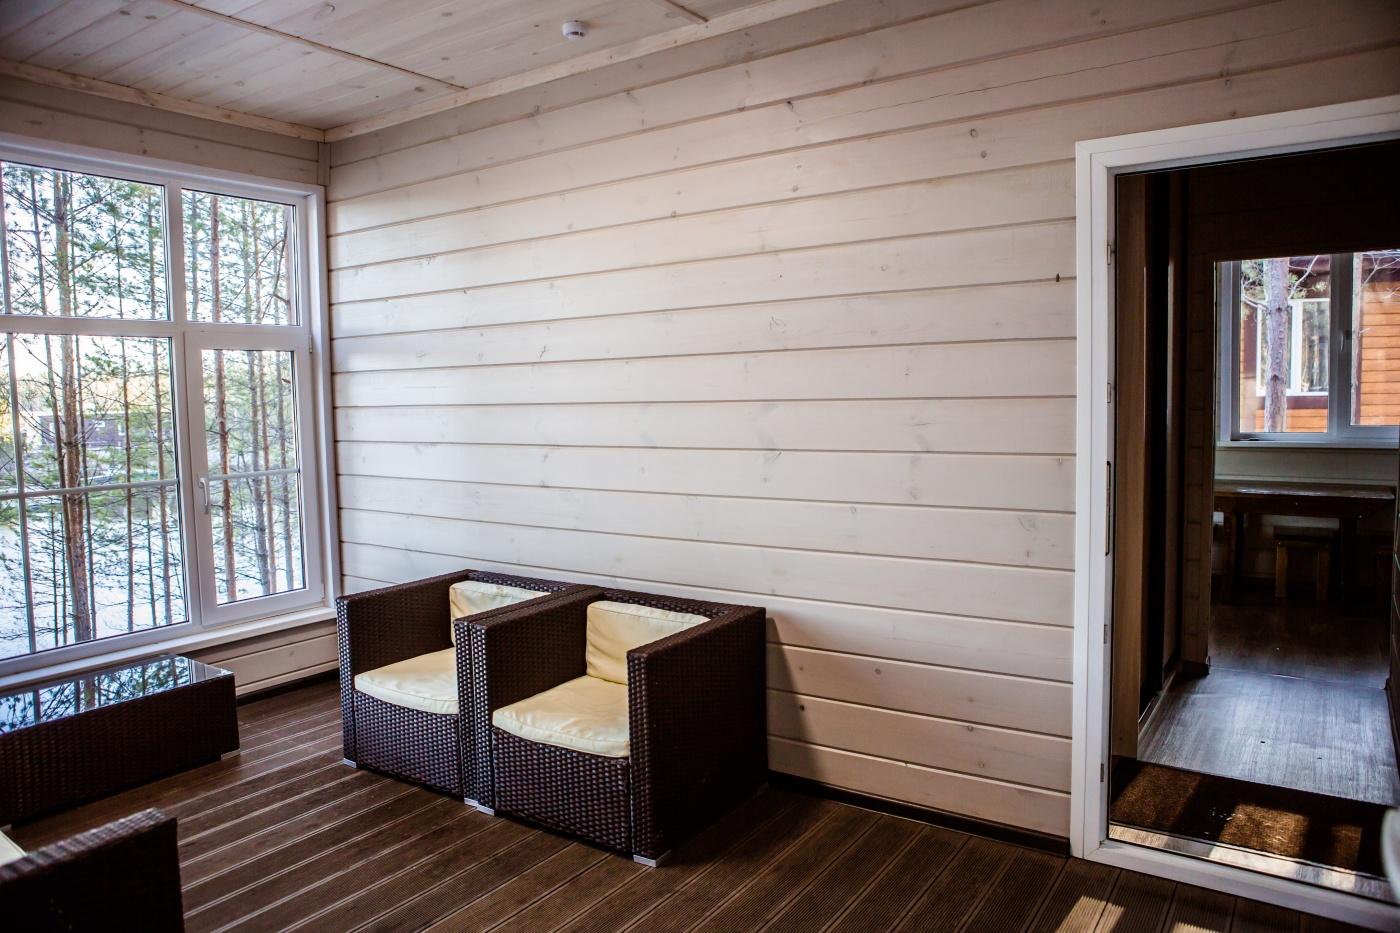 База отдыха «MariLand» Республика Марий Эл Номер «Люкс» в гостевом доме, фото 4